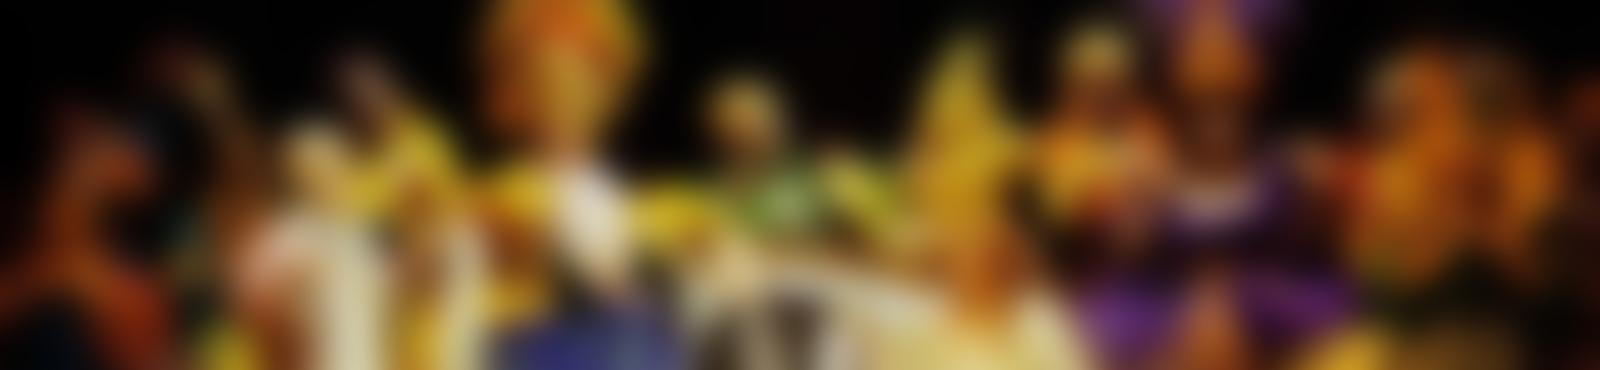 Blurred ea4ad7c3 7bd1 4bf4 b494 e72958dc23b7